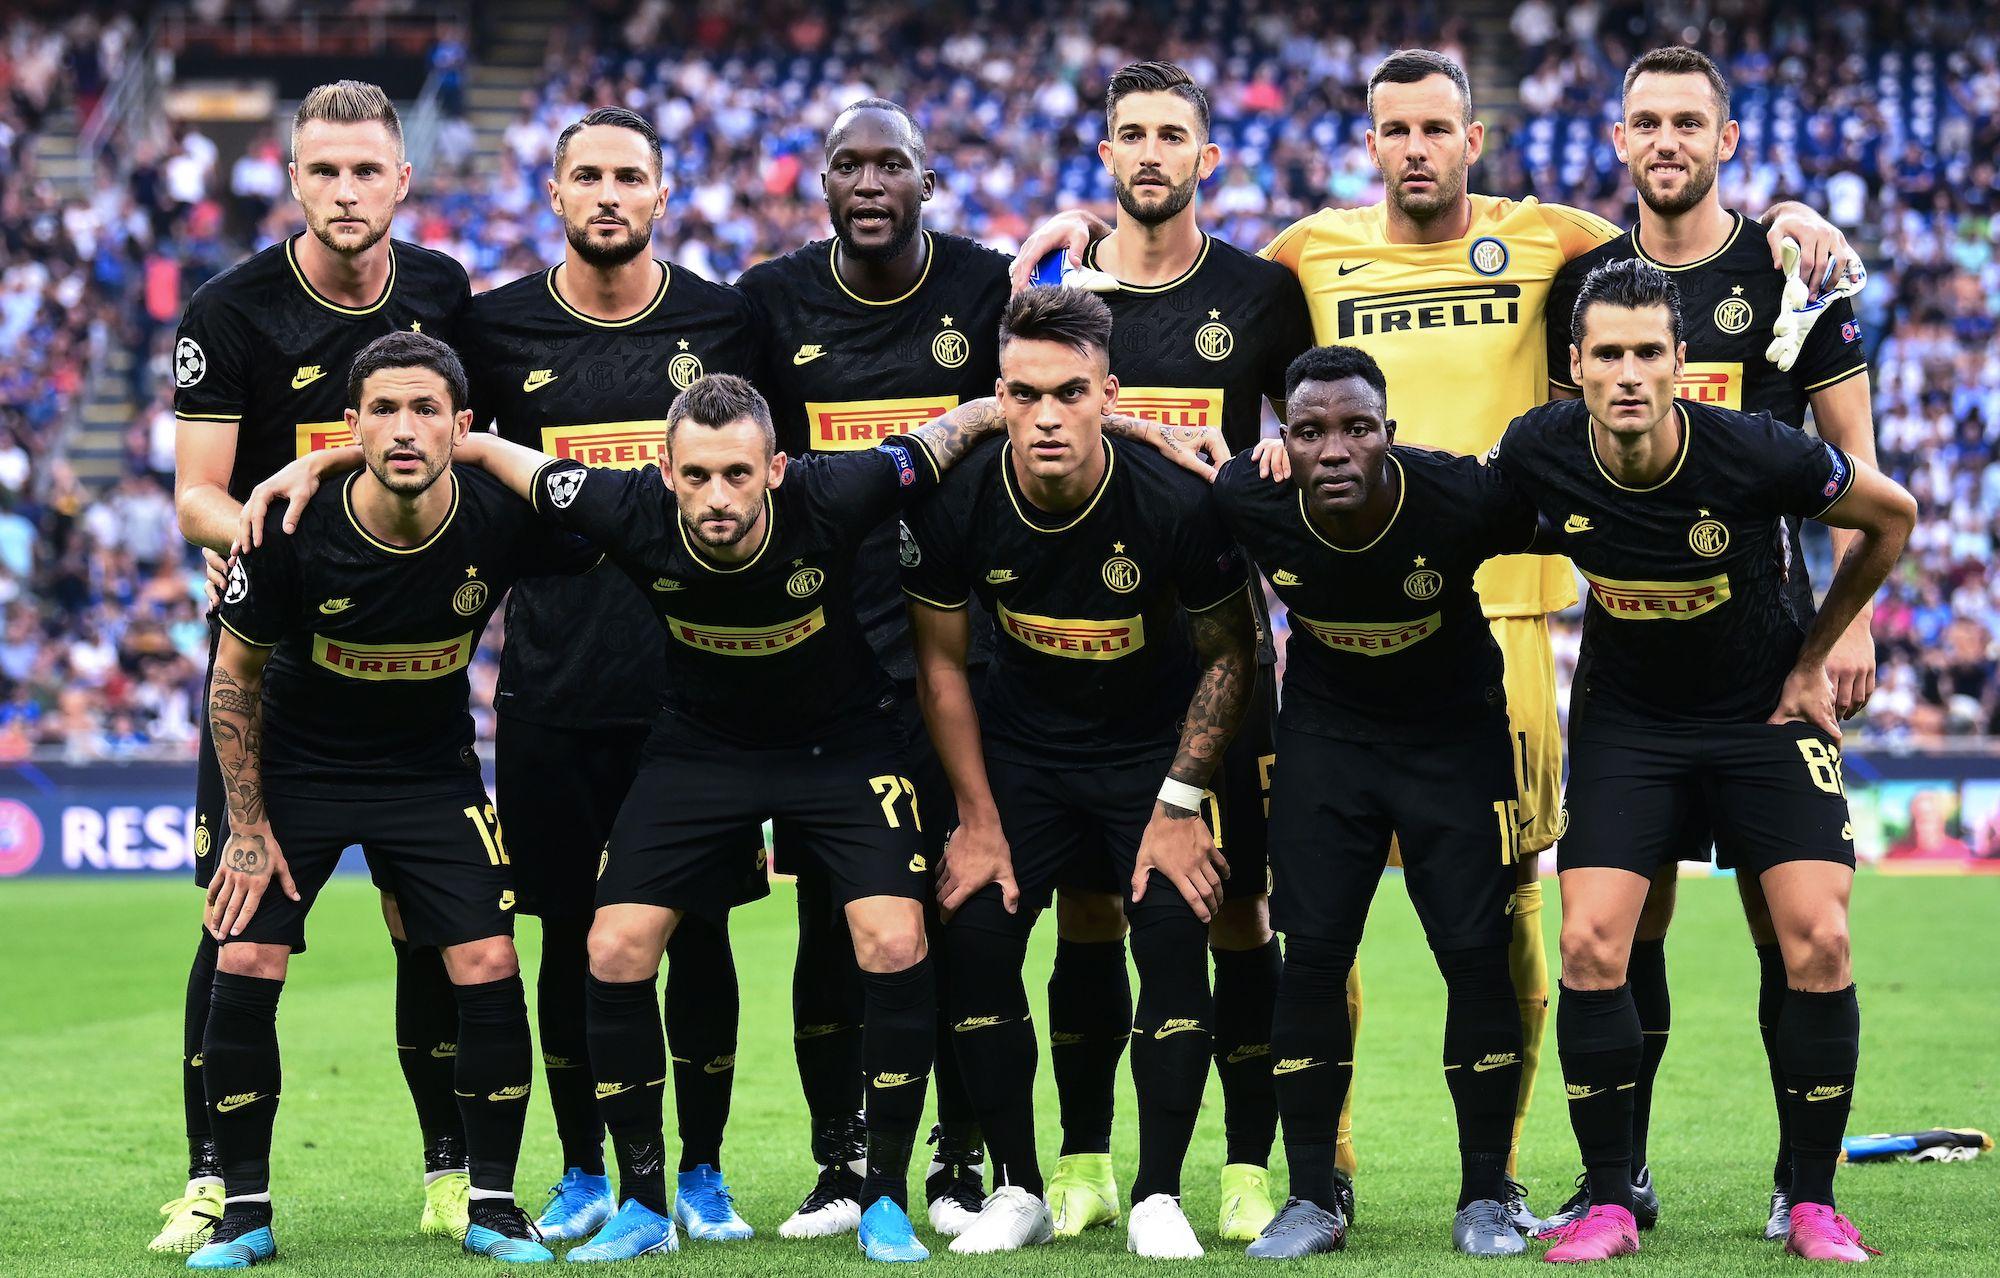 Inter Milan - Wikipedia  |Inter Milan